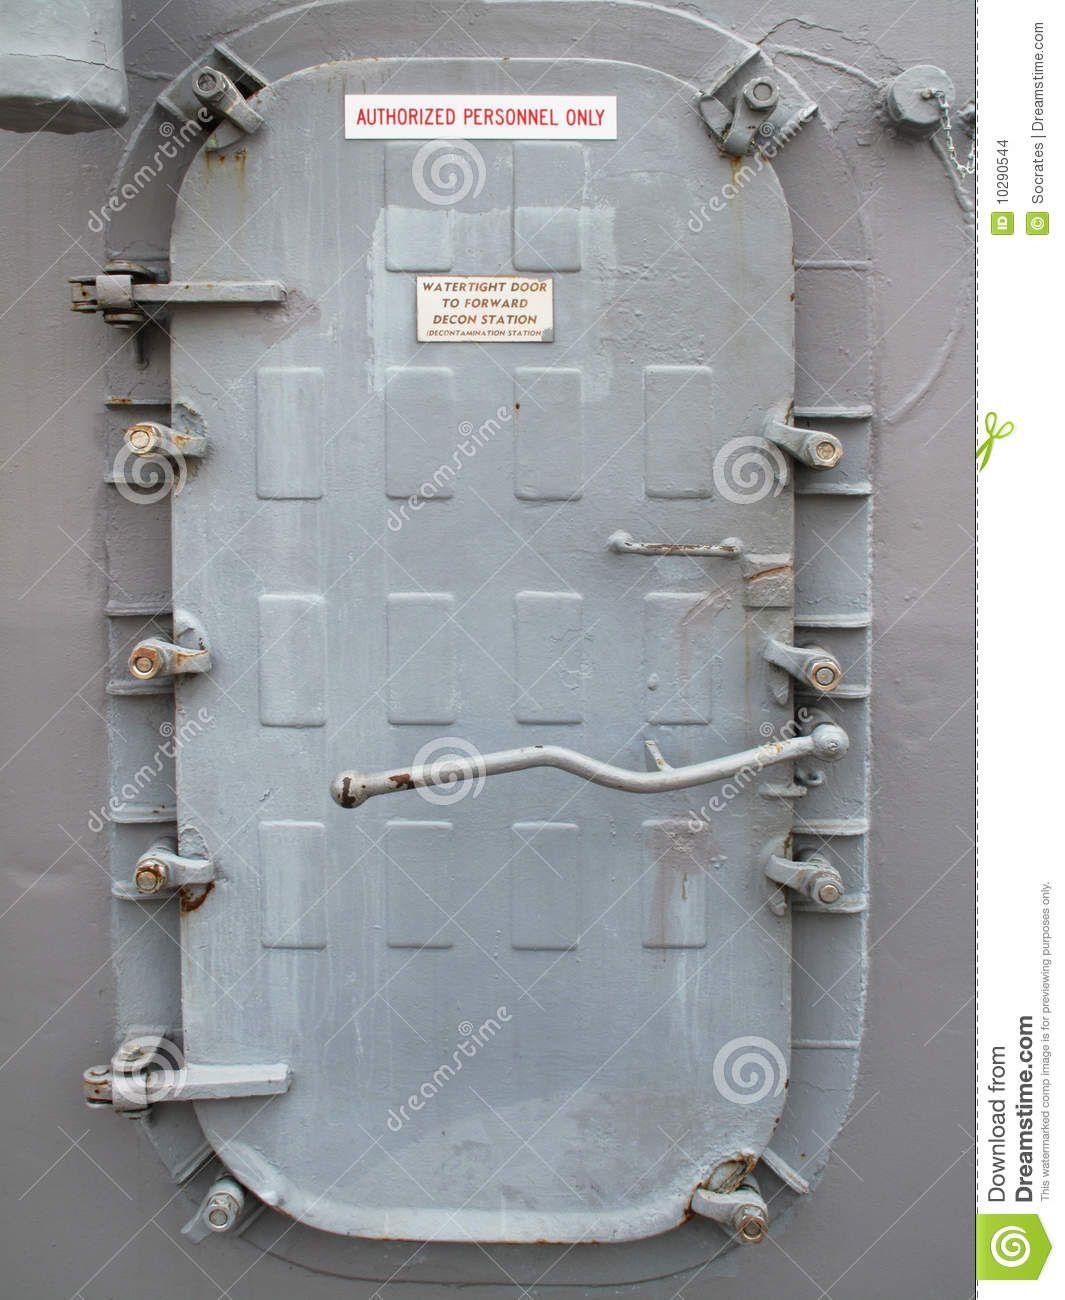 hatch door - Google Search | Hatch/Door | Pinterest